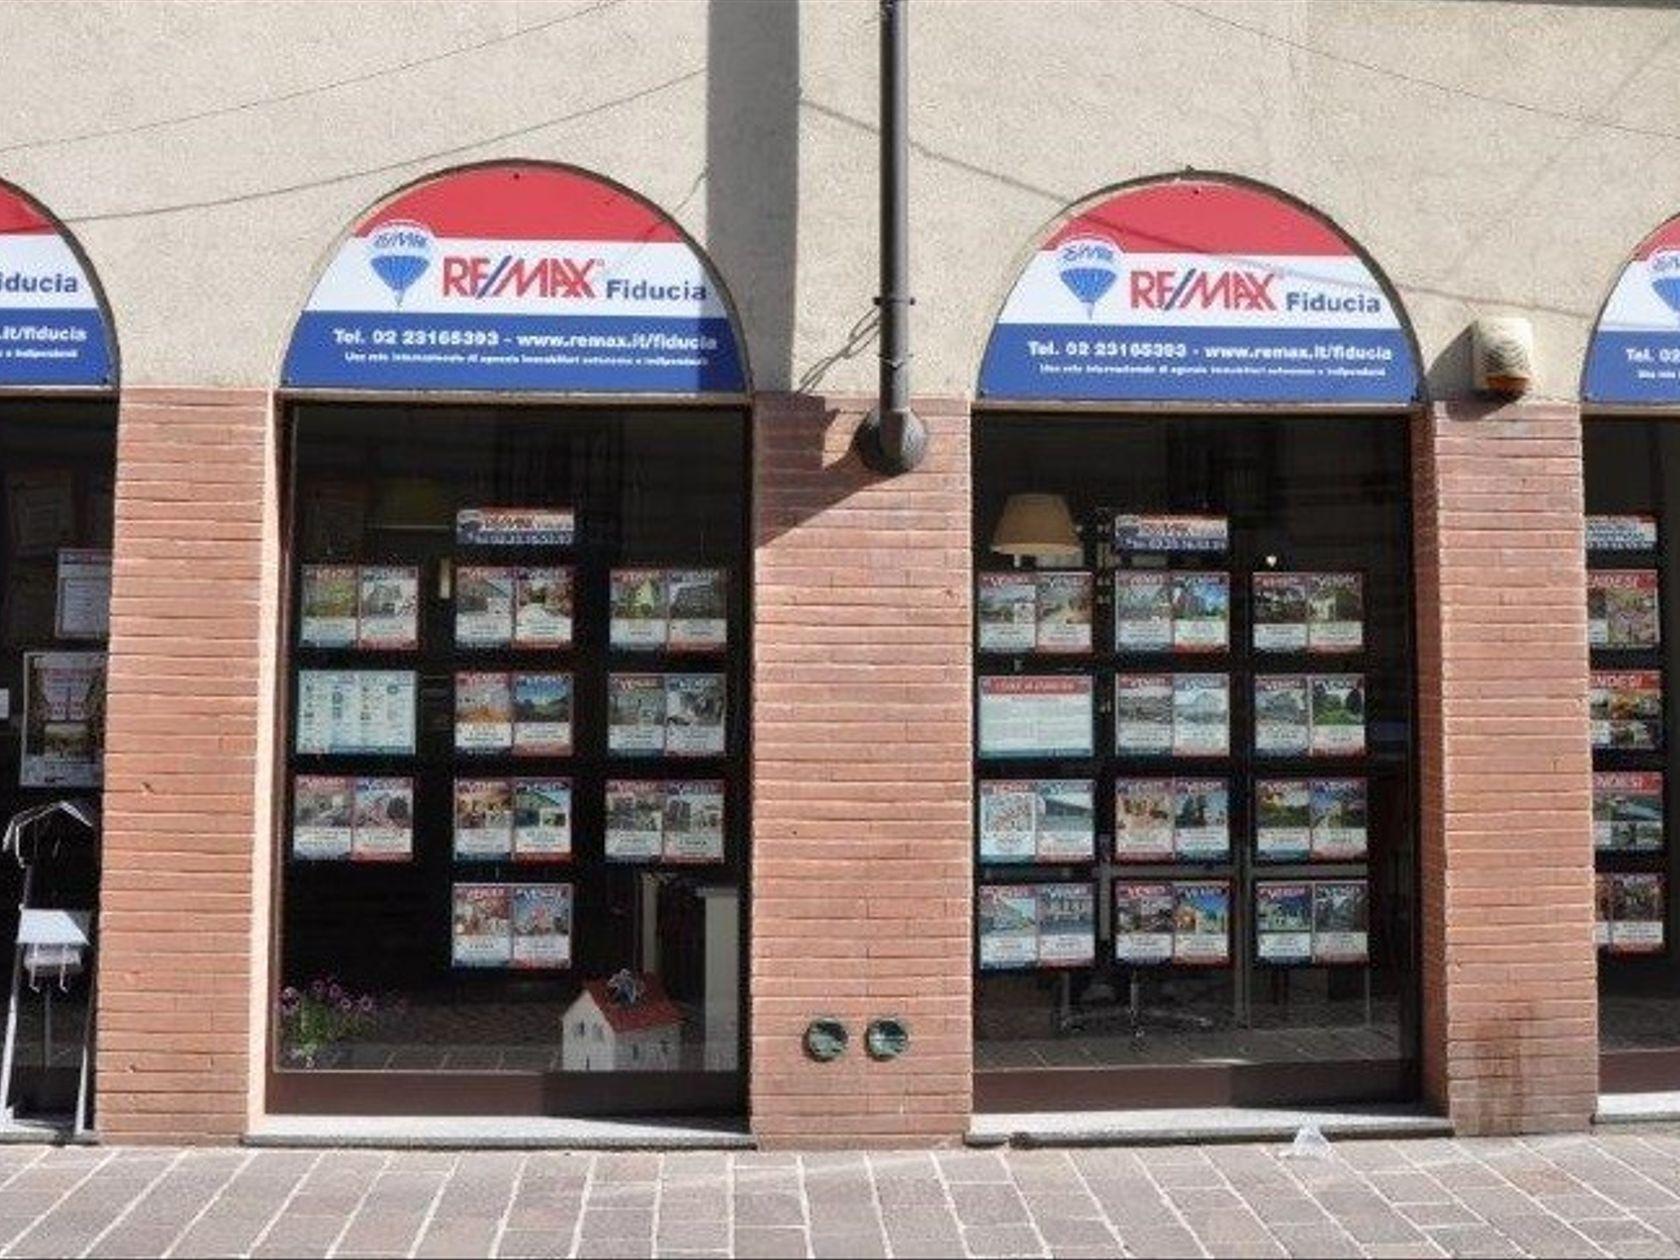 RE/MAX Fiducia Bollate - Foto 2